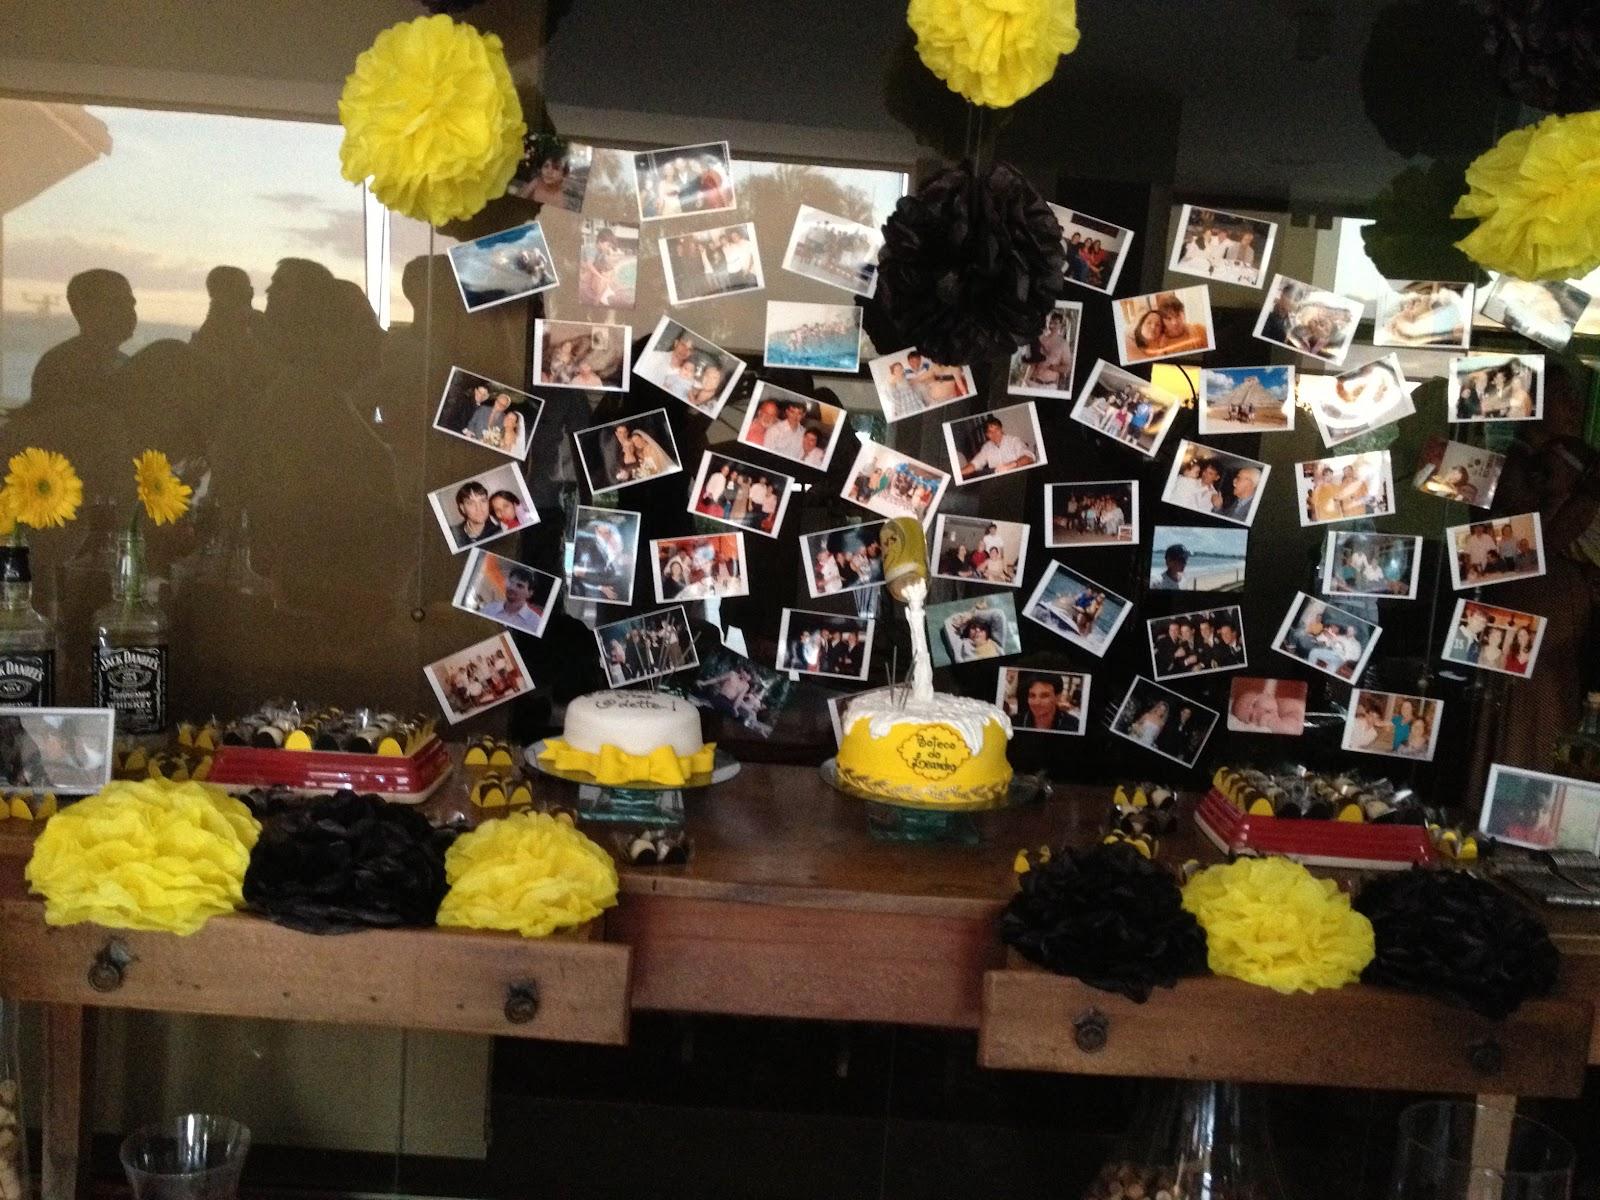 decoracao de mesa boteco : decoracao de mesa boteco: com rolhas mural de fotos e um lindo bolo com formato de cerveja